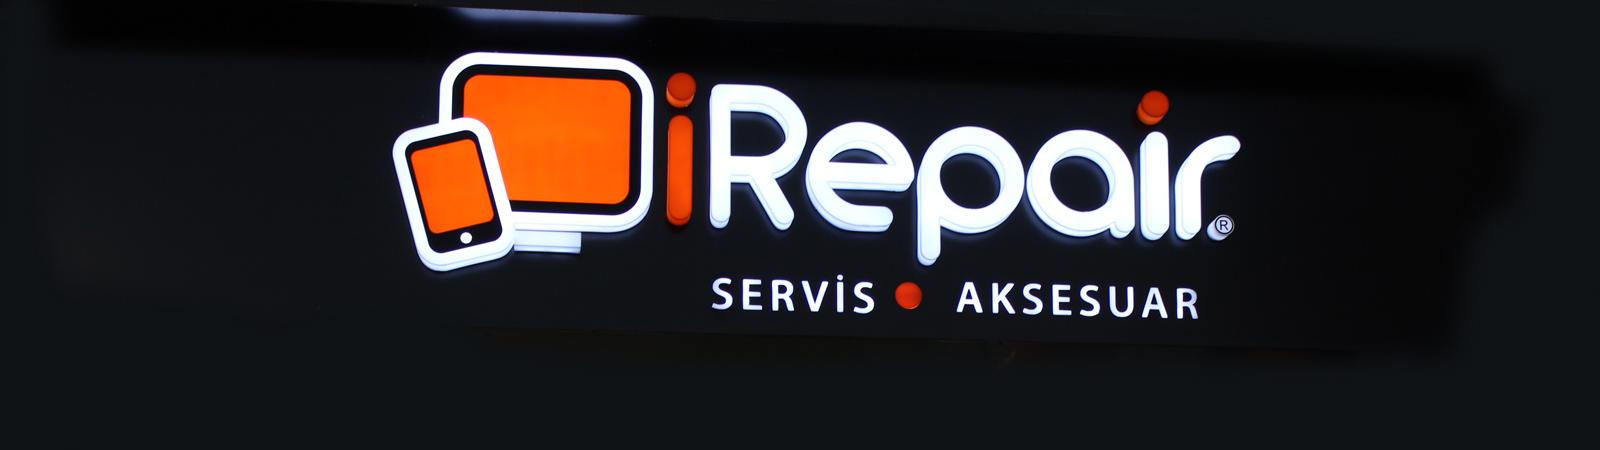 iRepair Κωνσταντινούπολη